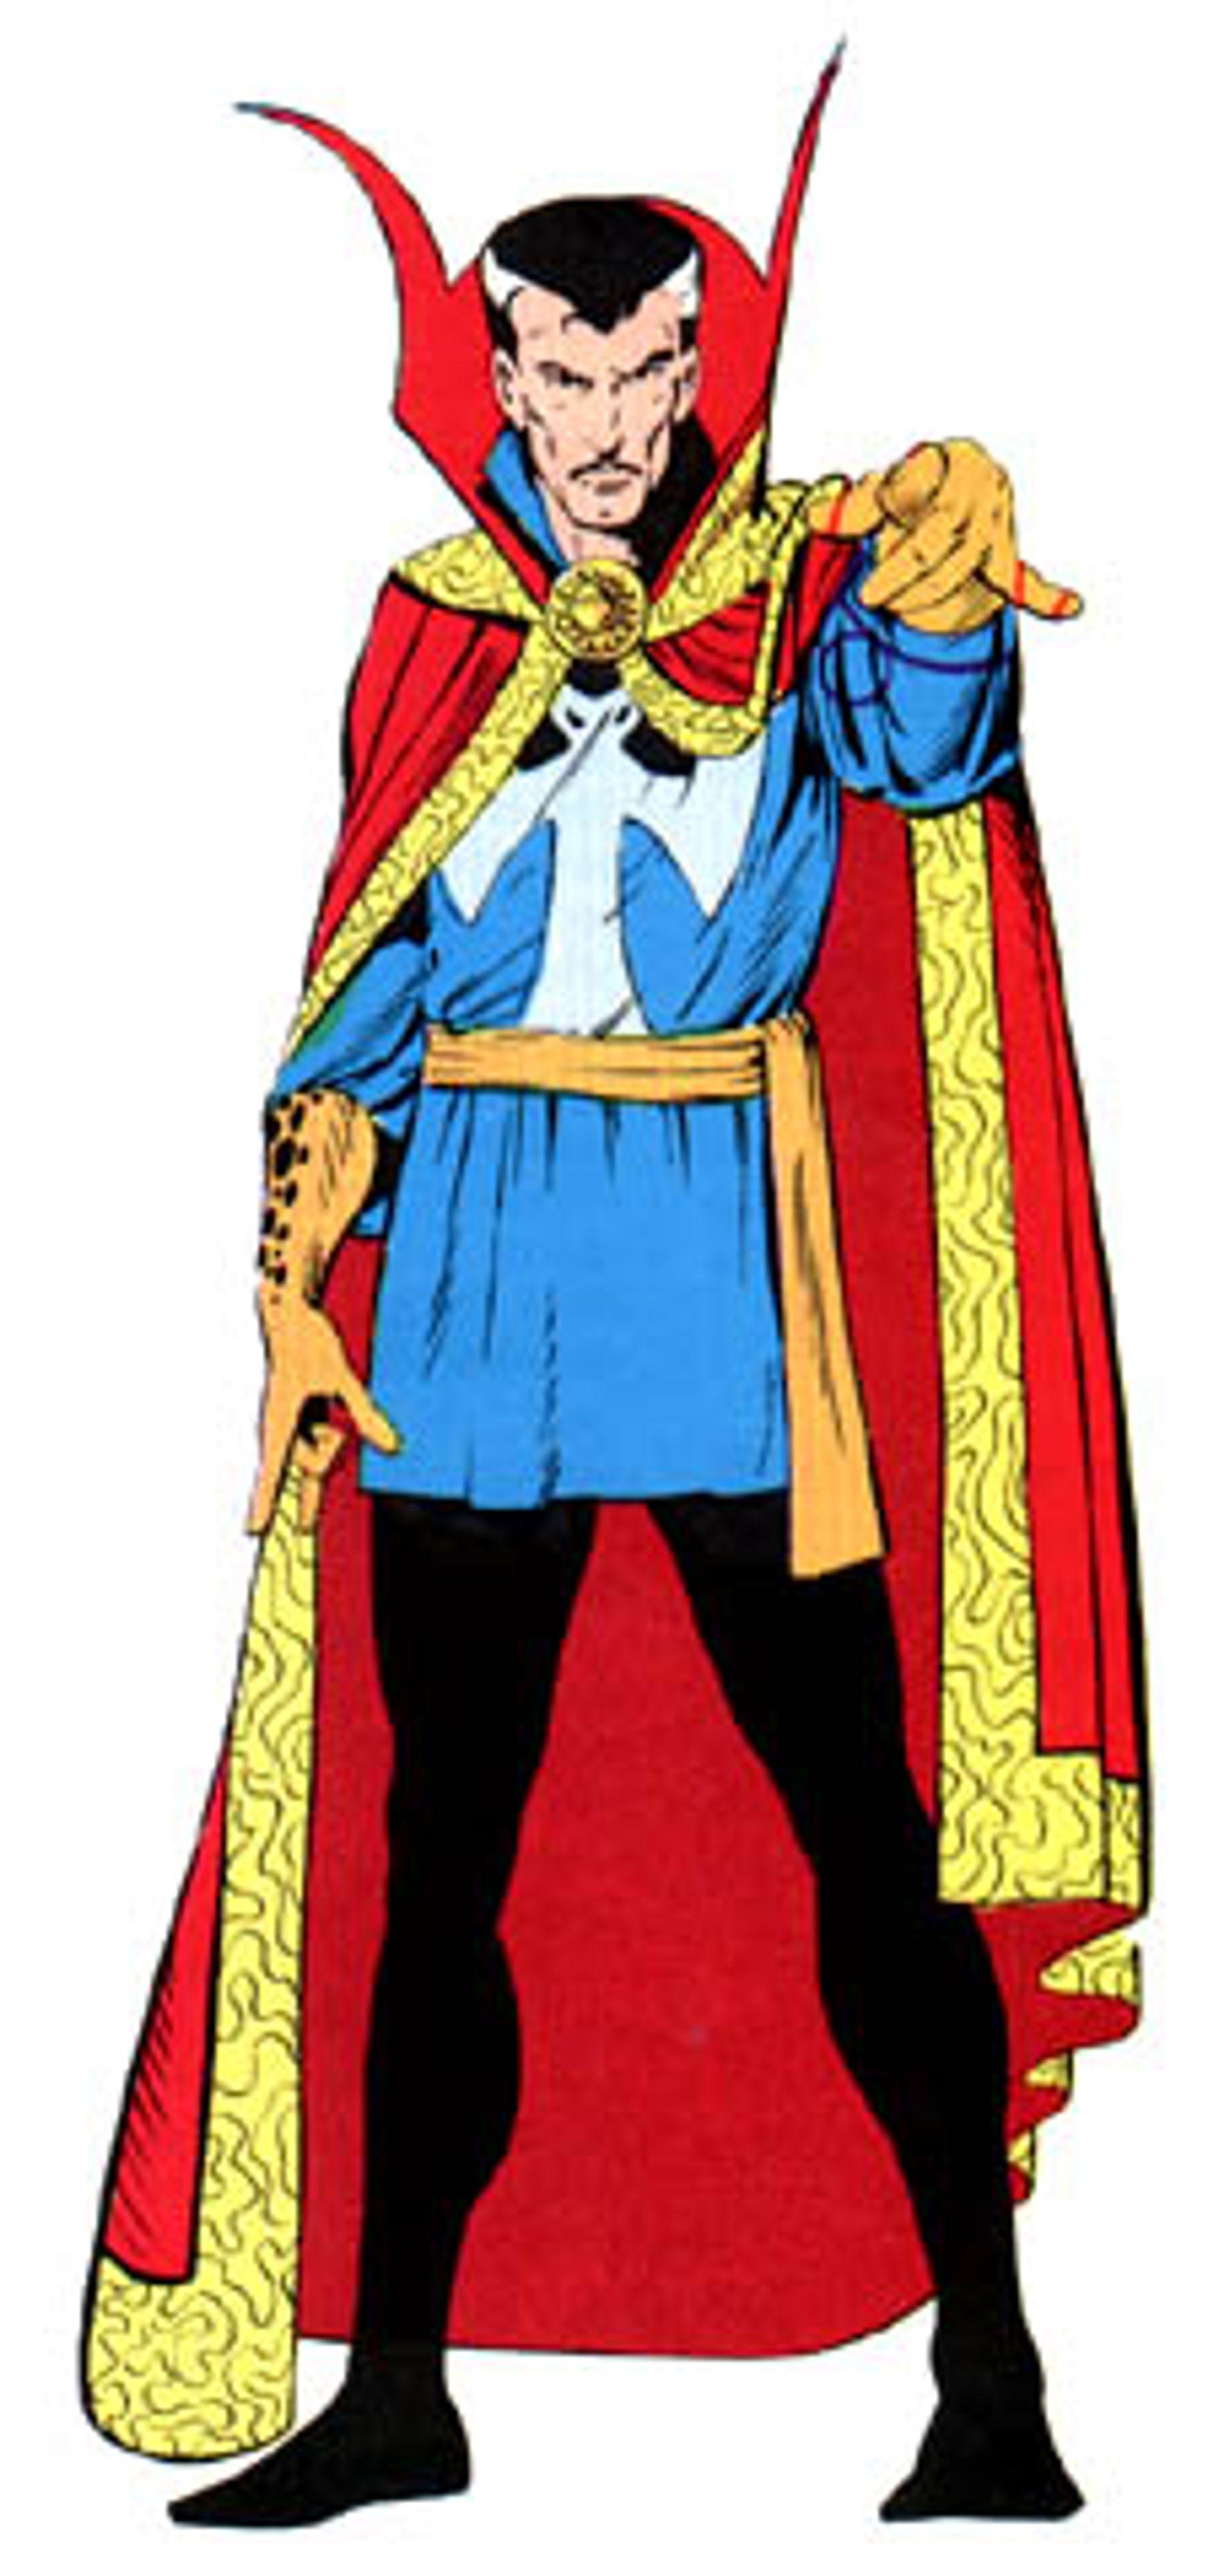 Dr. Strange, i sitt sedvanlige og noe tøysete kostyme.